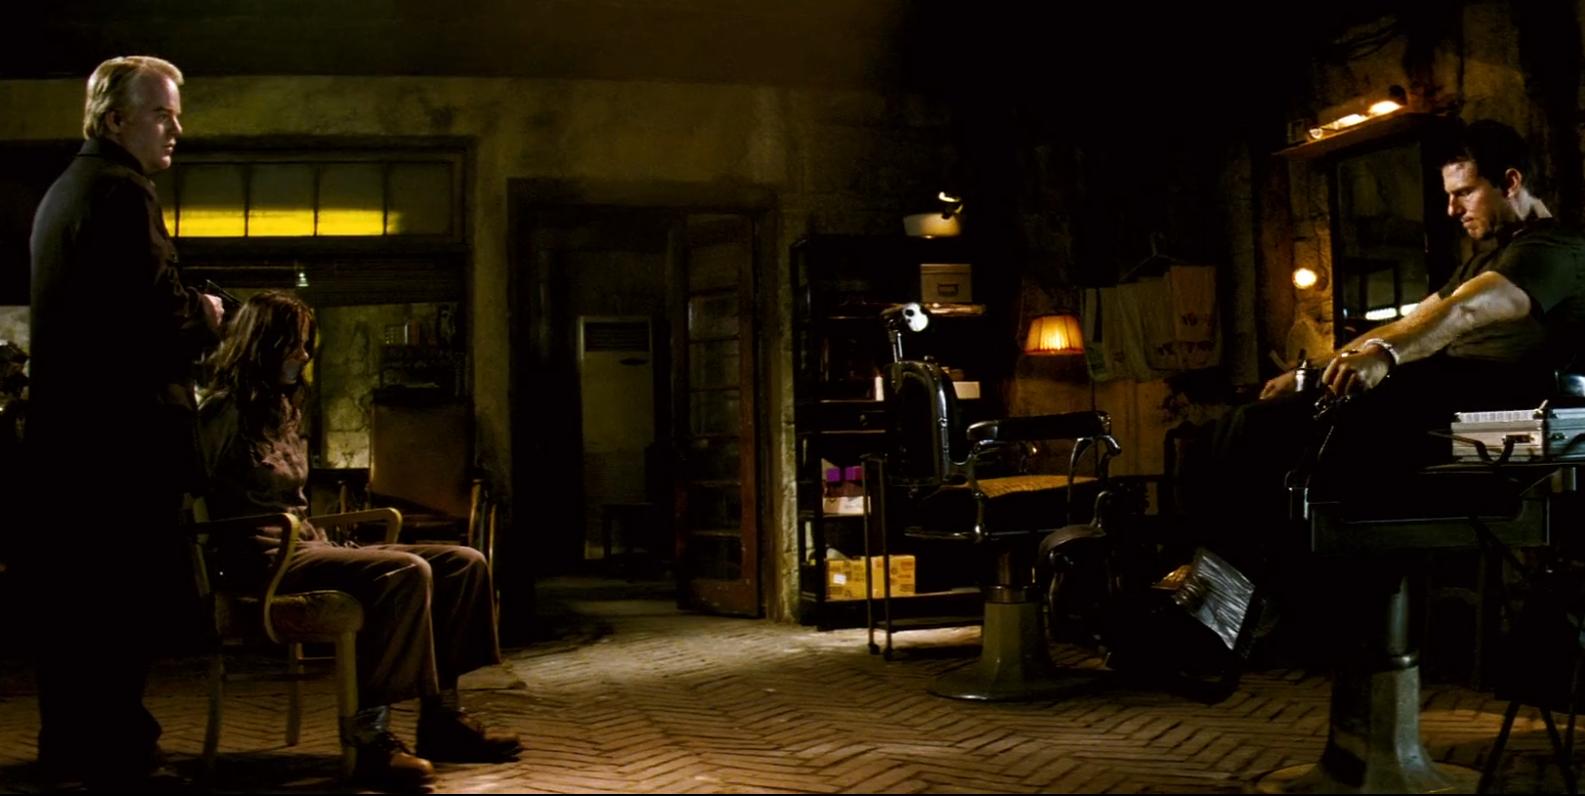 Mission: Impossible III inleds med att vår hjälte är fastbunden och skurken riktar ett vapen mot hans älskades huvud. Det är SÅ spänning skapas. Foto: Paramount pictures.